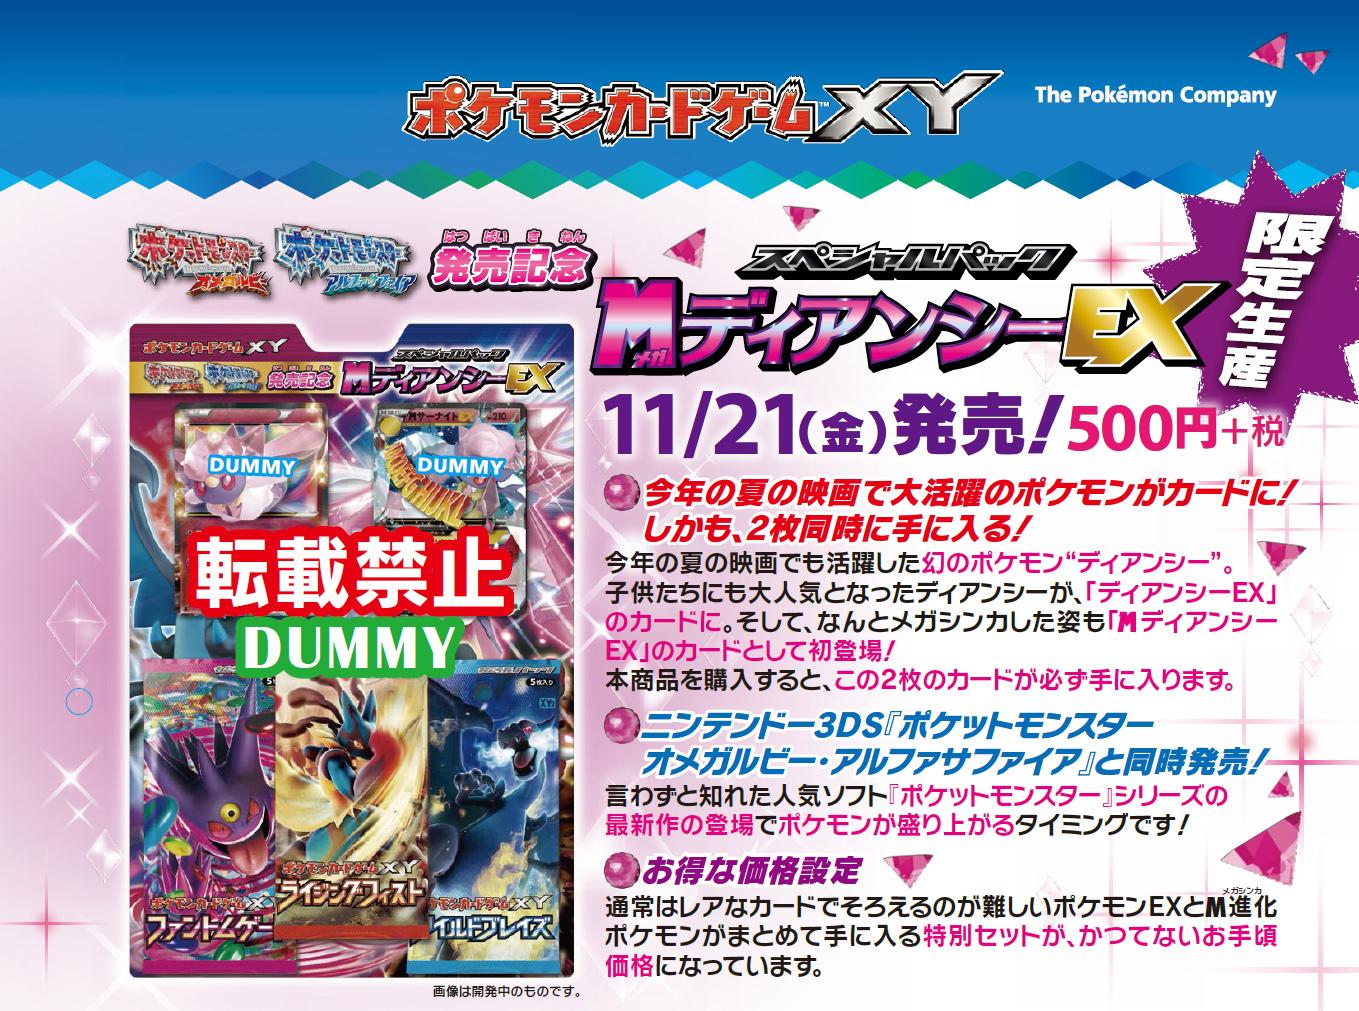 Après trioxydre en carte Méga-Diancie fais son apparition en carte Pokémon Pokemon-ROSA-Blister-Mega-Diancie